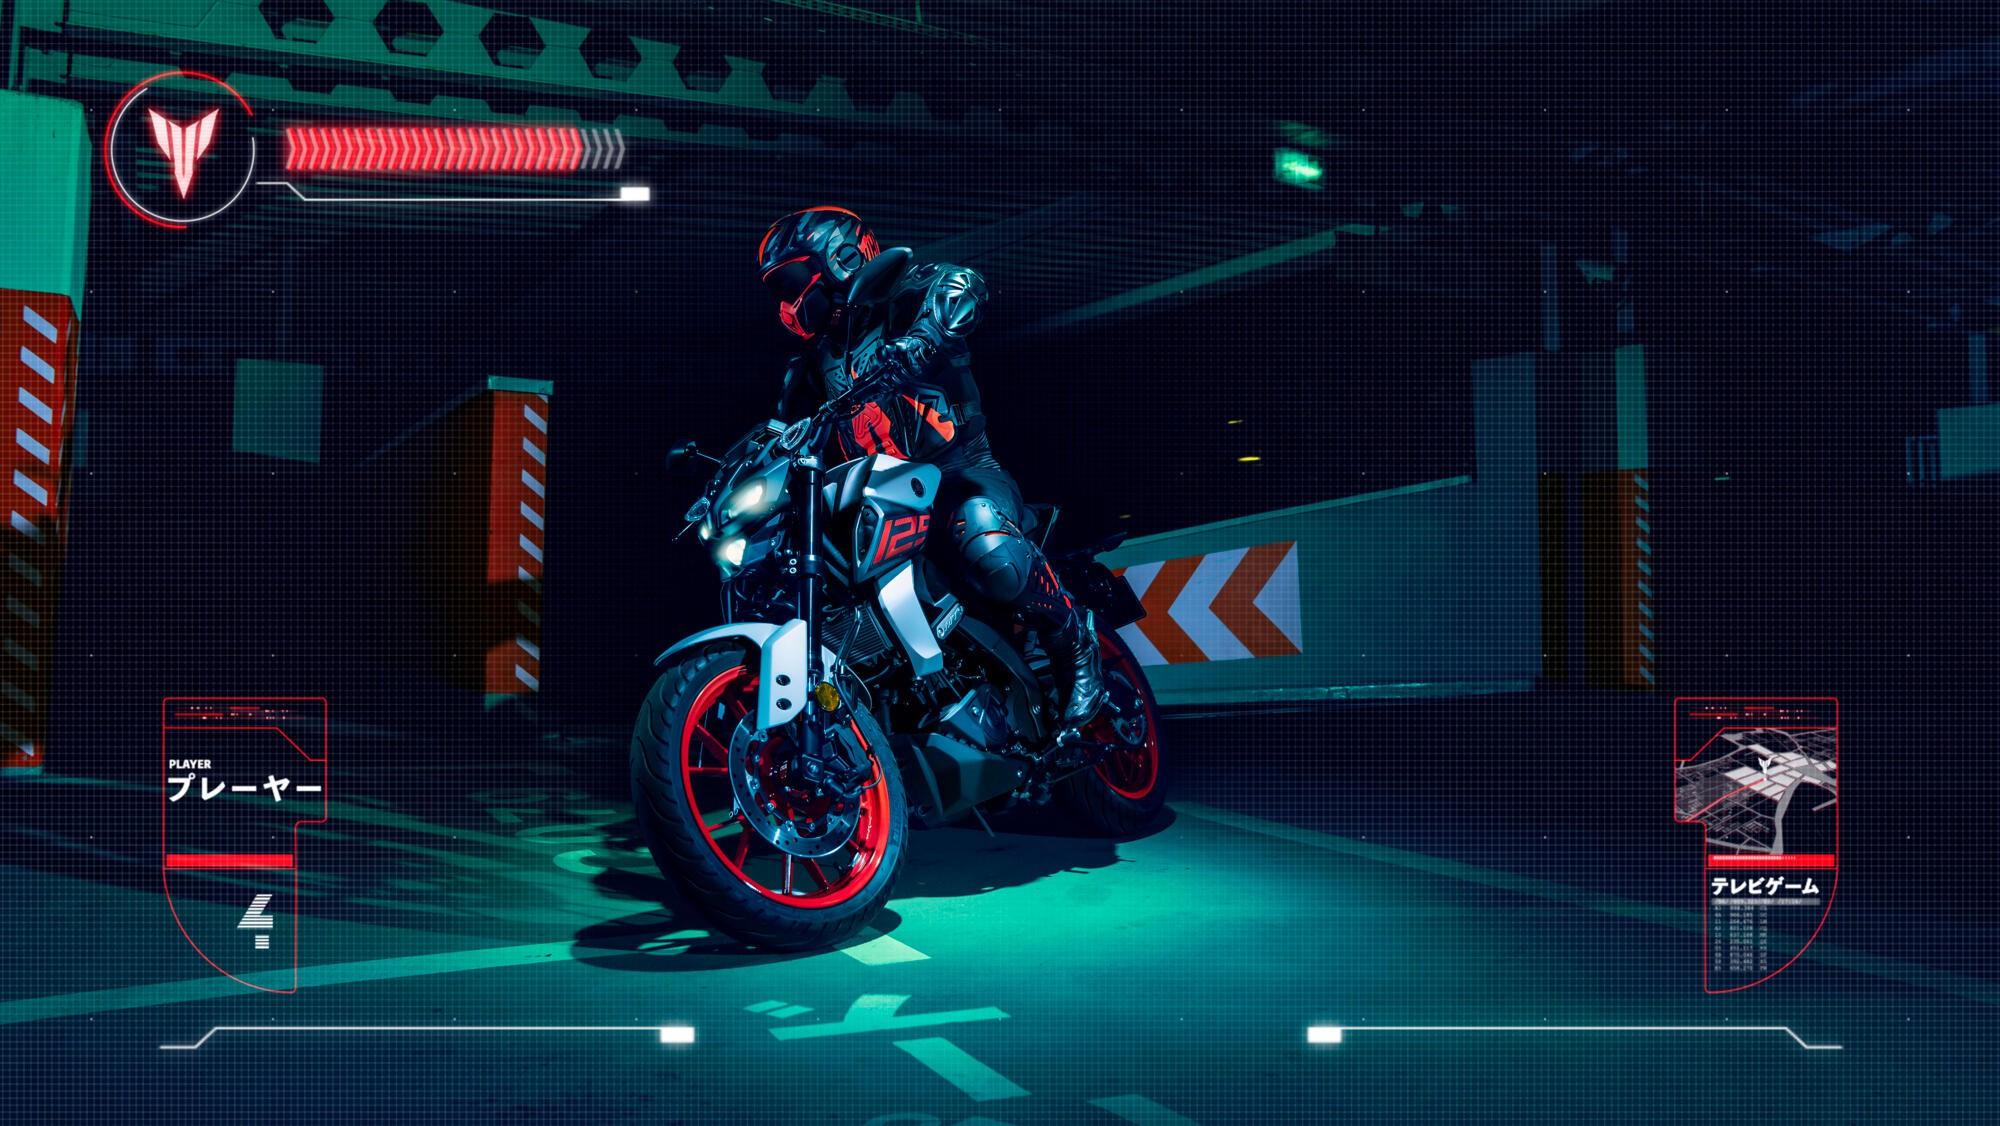 Yamaha MT-125 ra mắt tại thị trường châu Âu - Hình 2